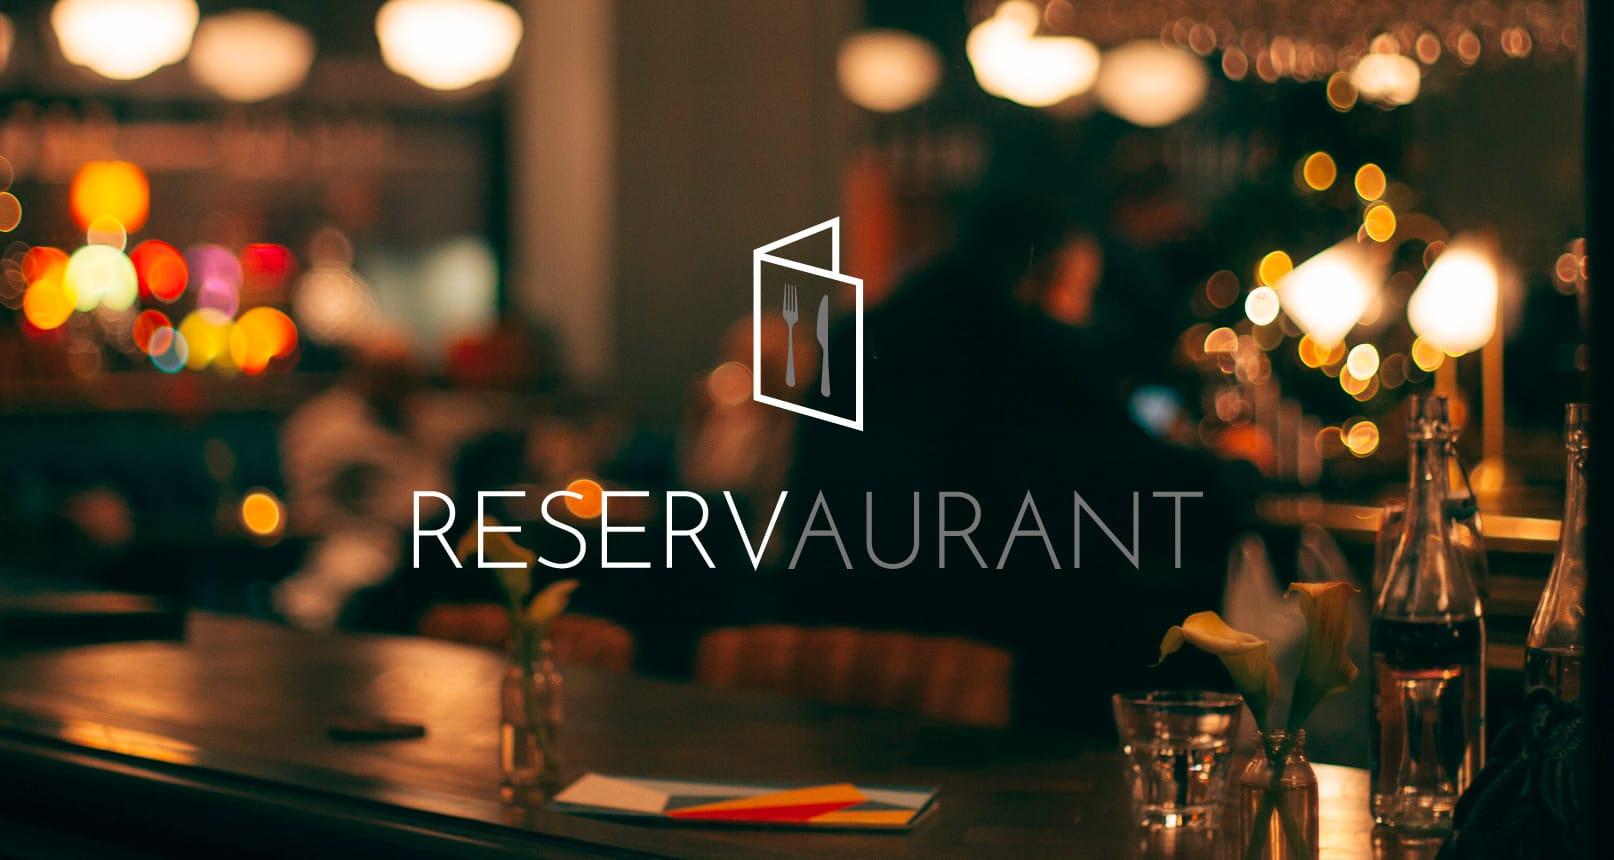 Startup-Interview Reihe #5 – Reservaurant